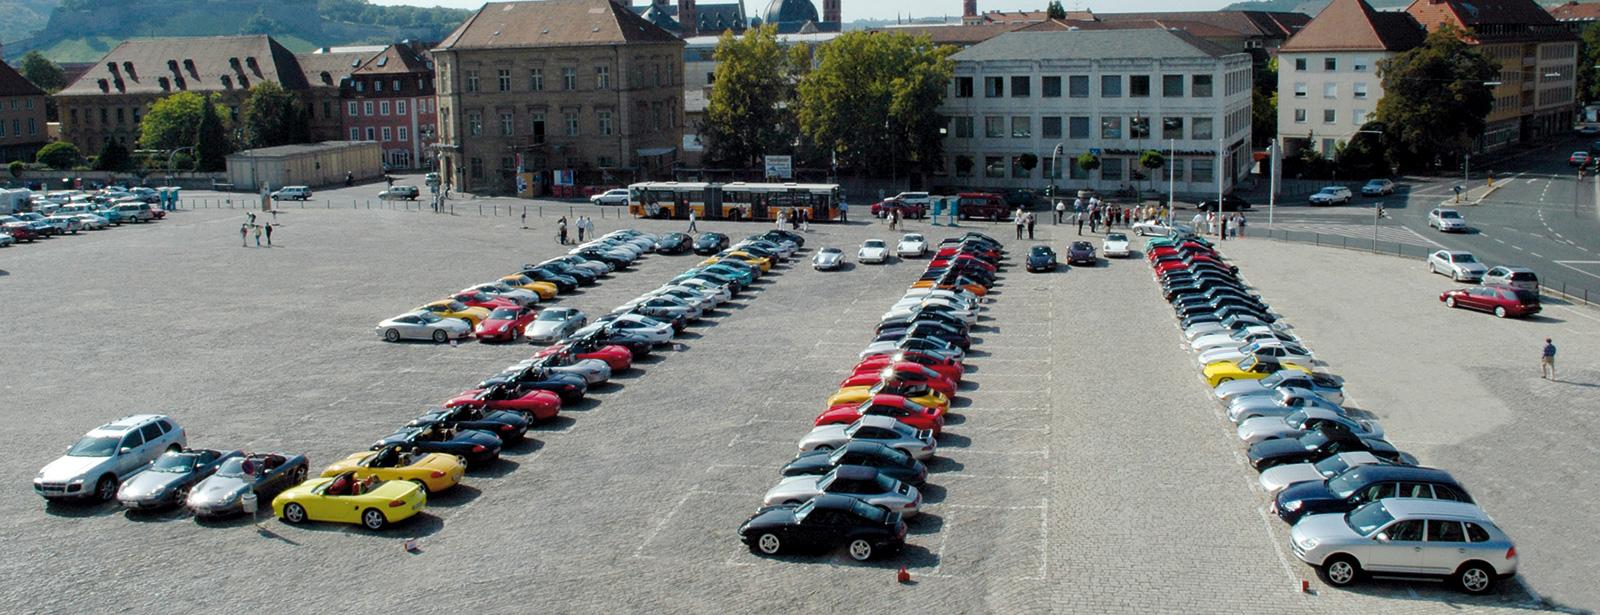 Porsche-Club-Hildesheim e.V.